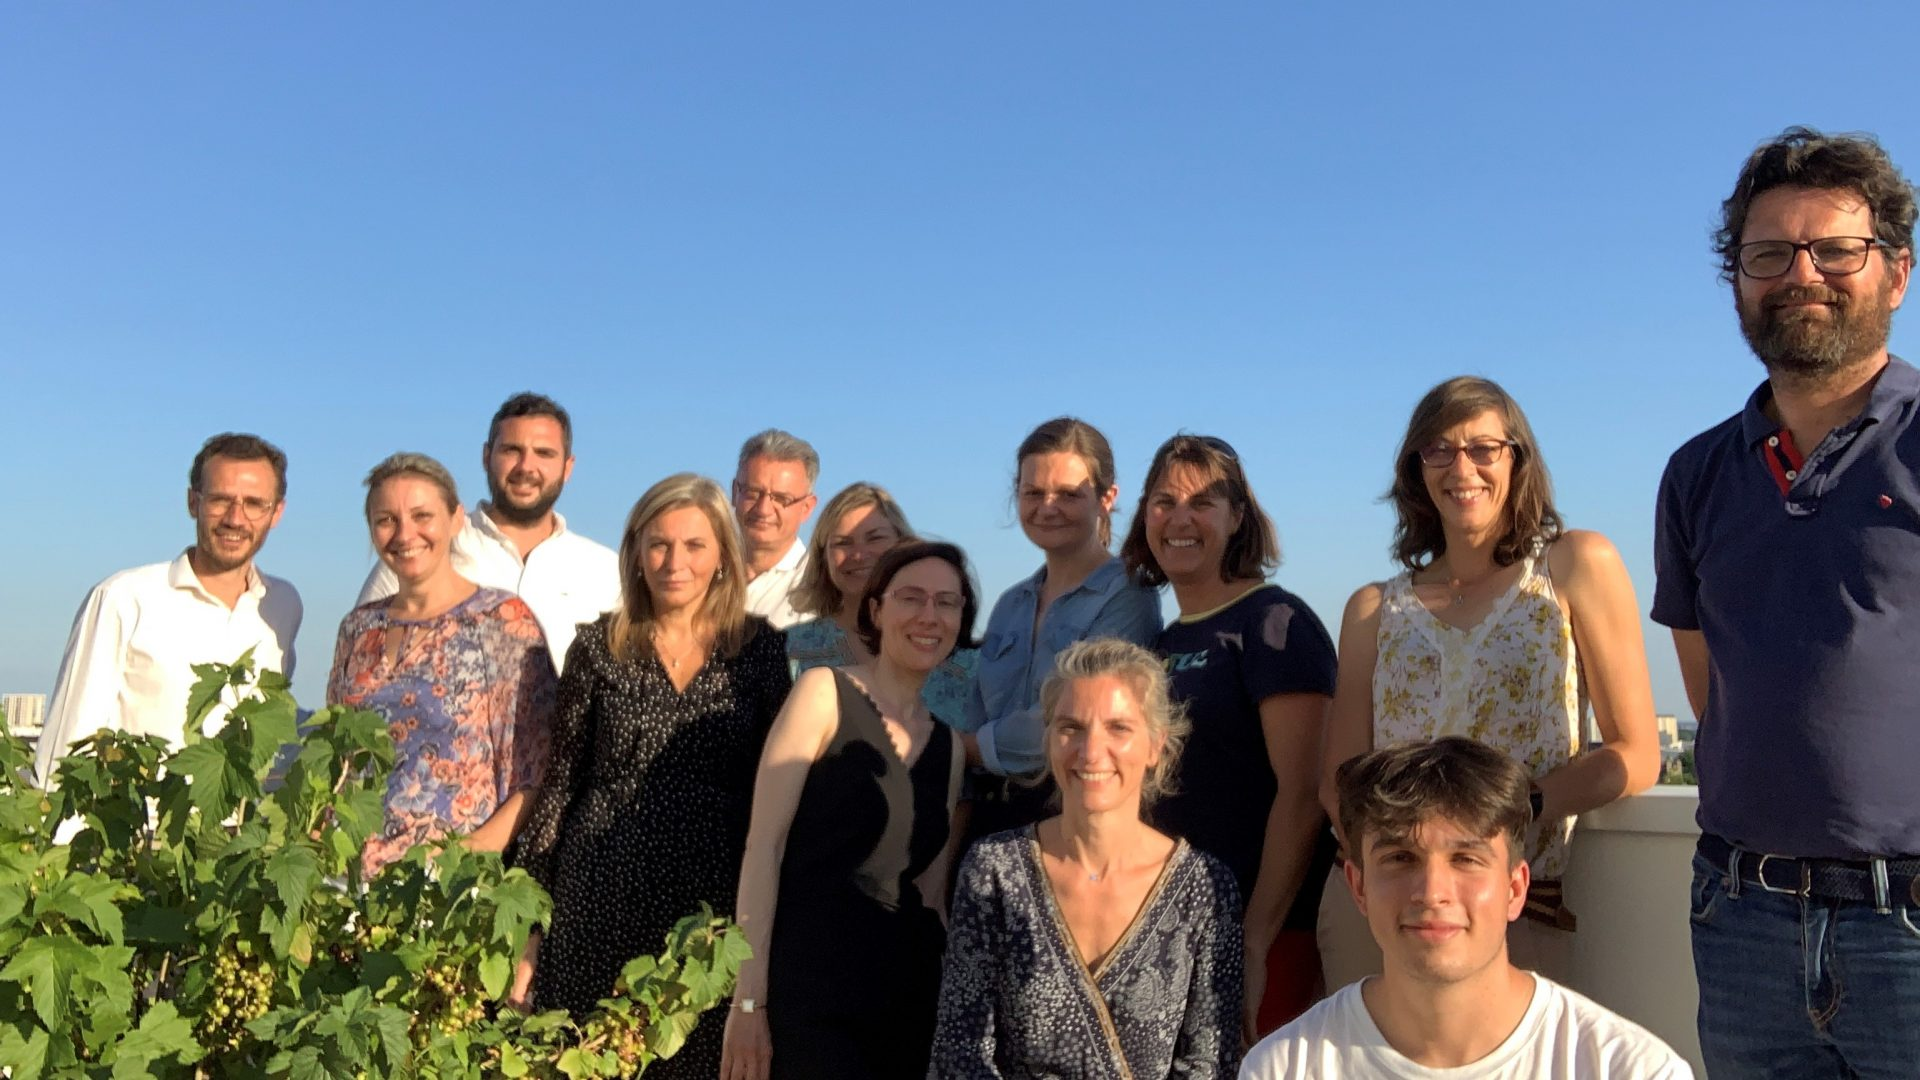 Diversité, Solidarité et Engagement : la famille VetPartners France croit sous de bons auspices !